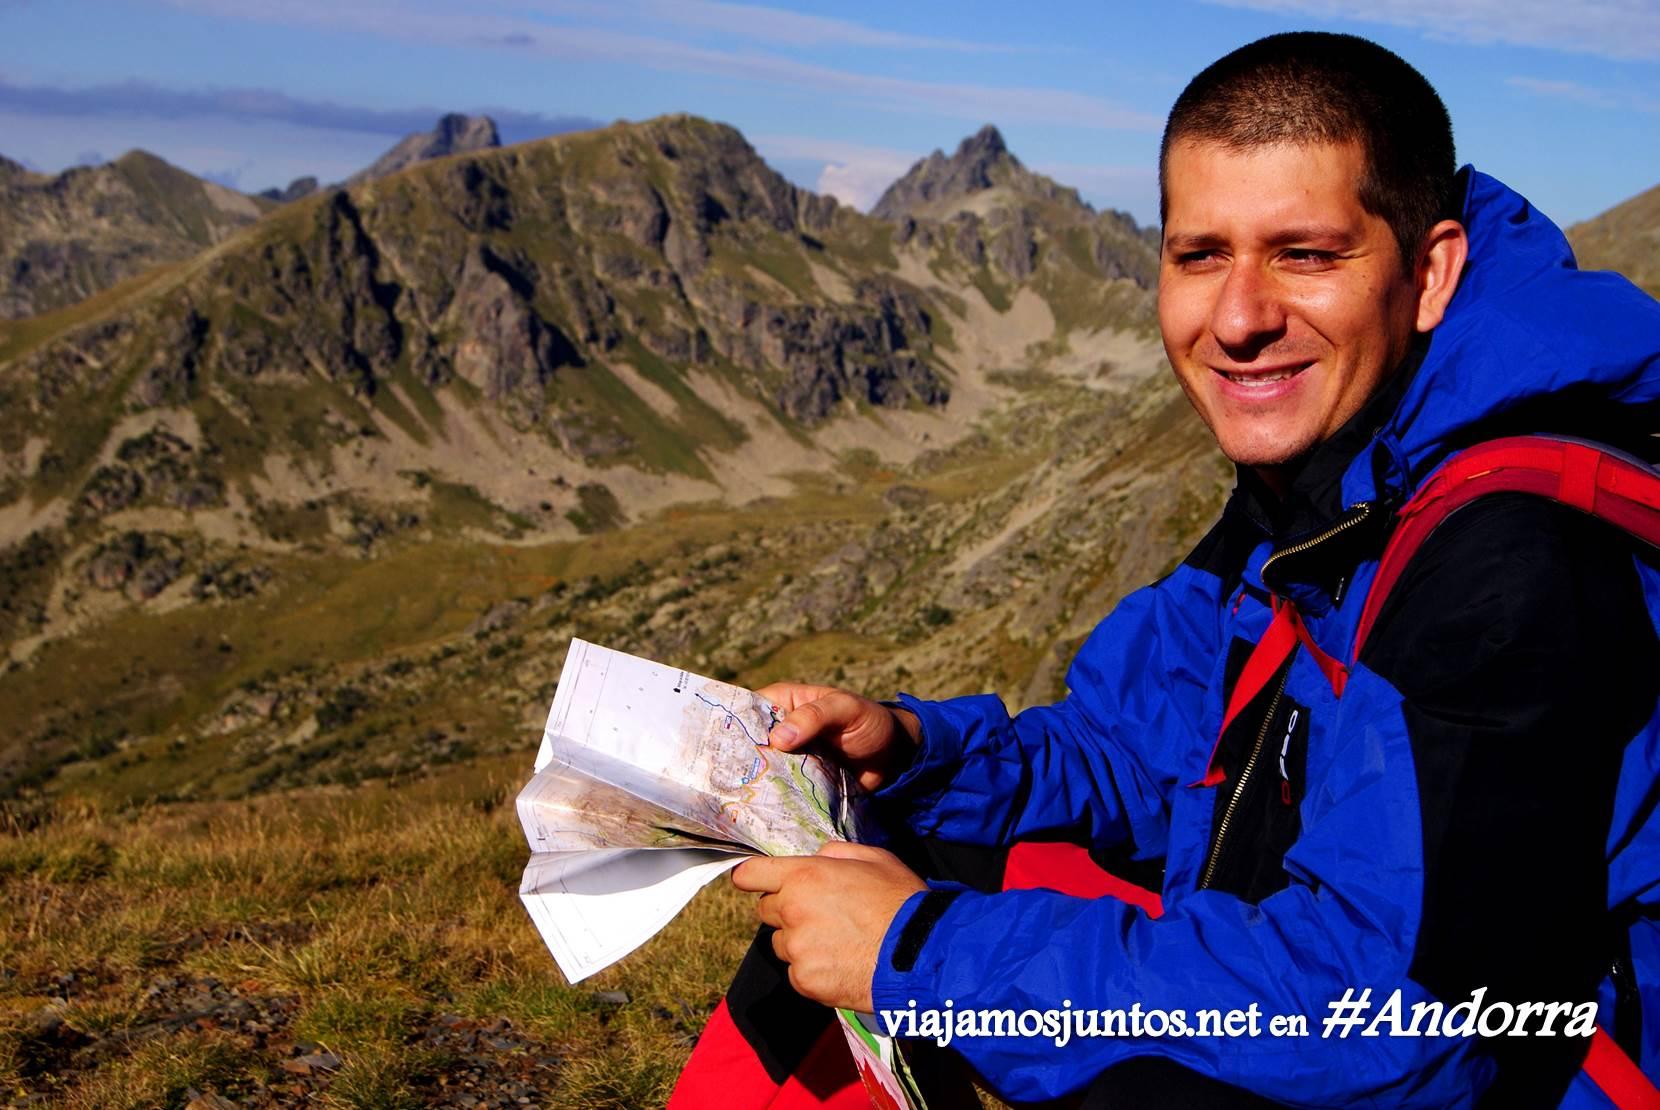 Mapa de los GRs de Andorra, Pirineos